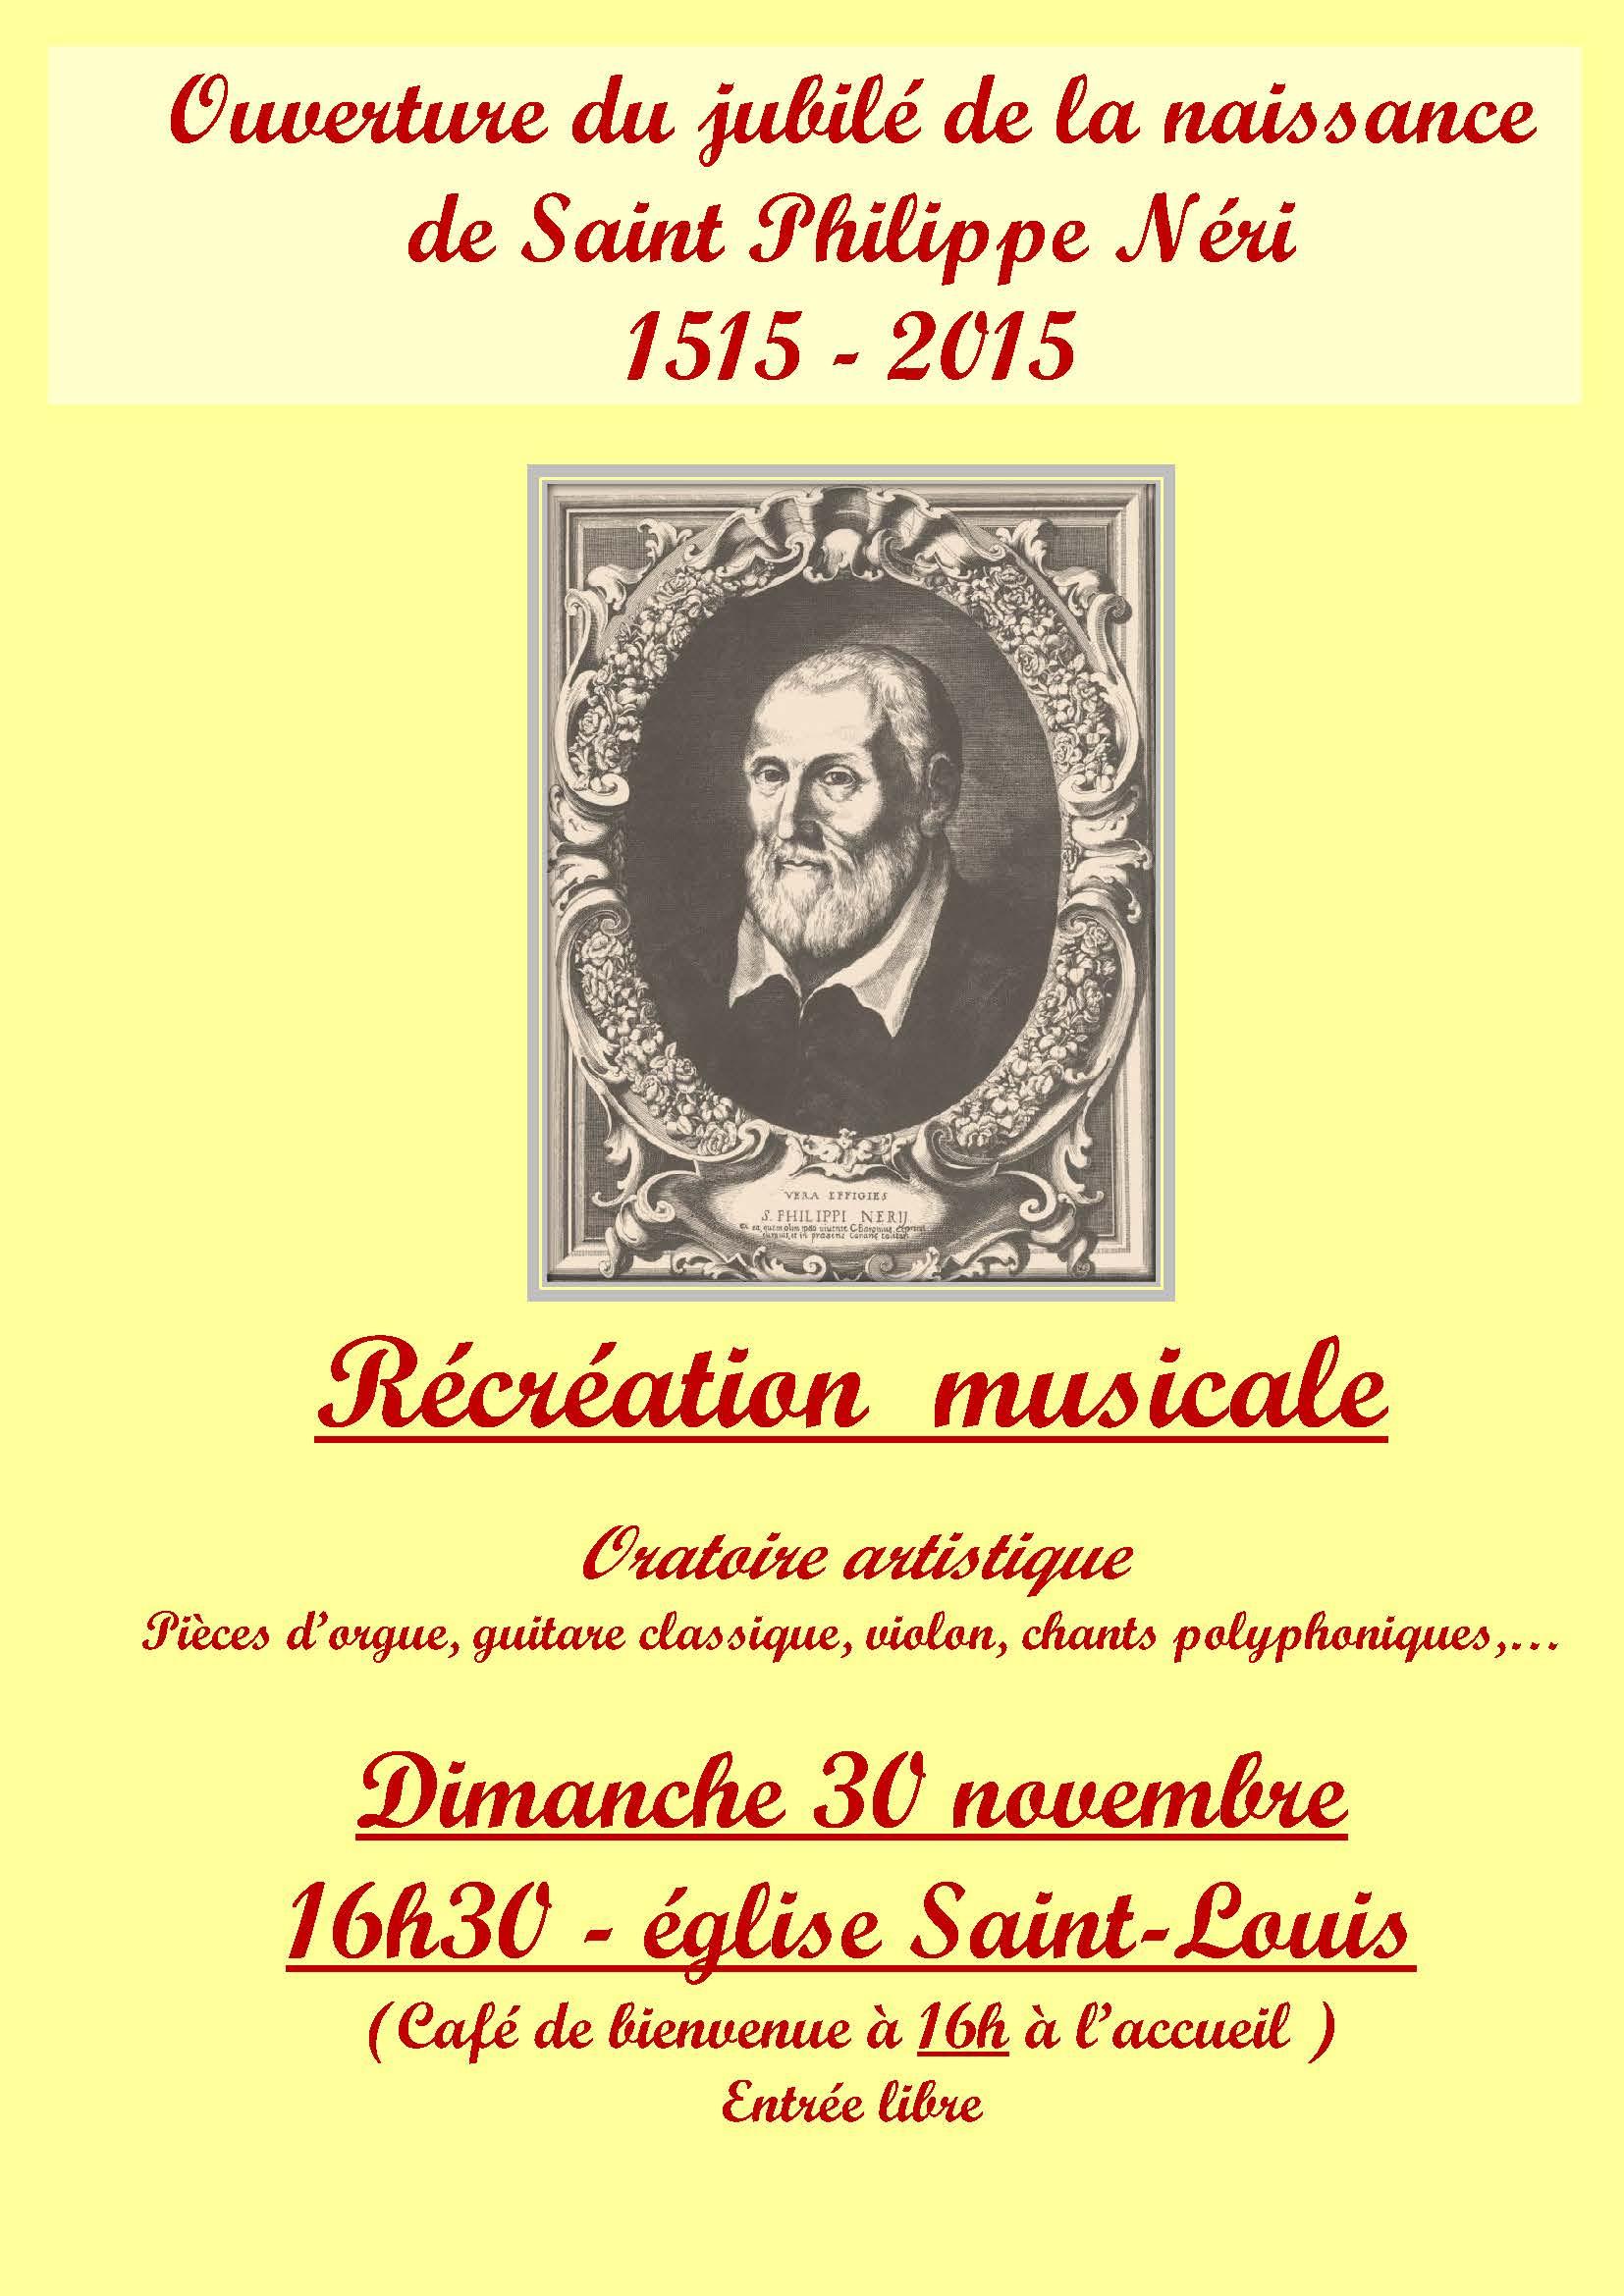 Oratoire musical 2014 2015